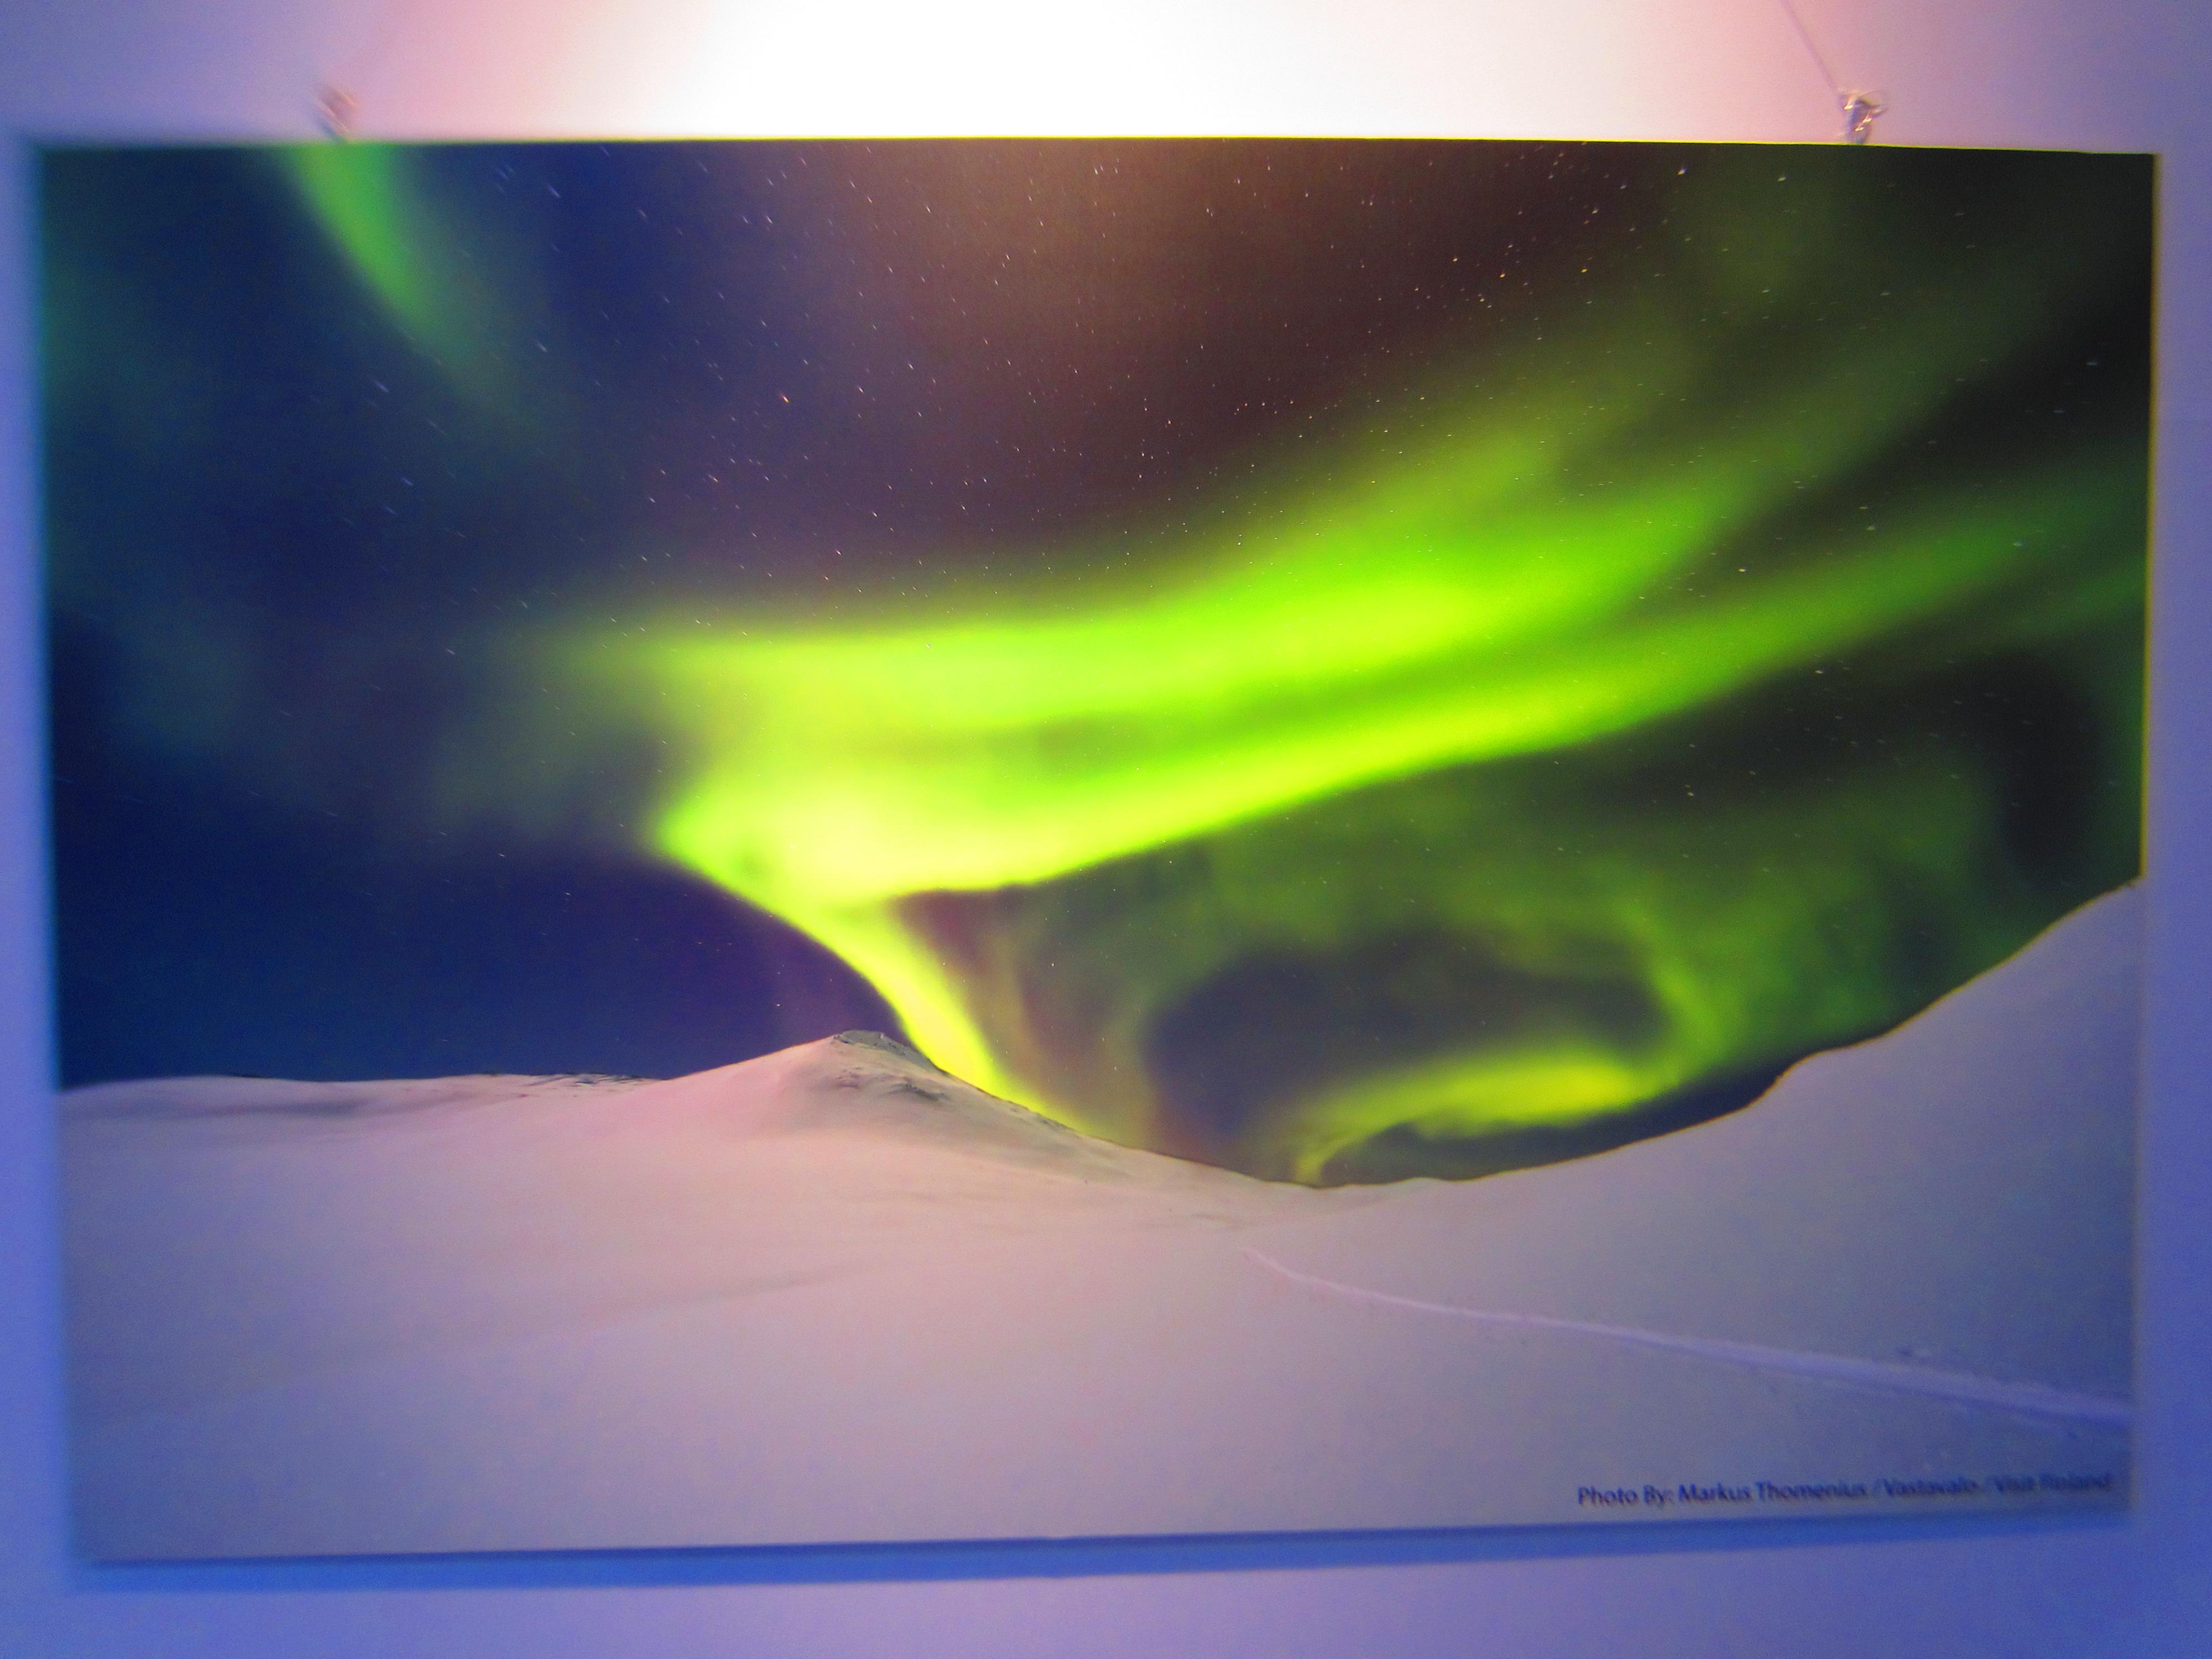 Yleisön suosikki. (Markus Thomenius / Vastavalo / Visit Finland)